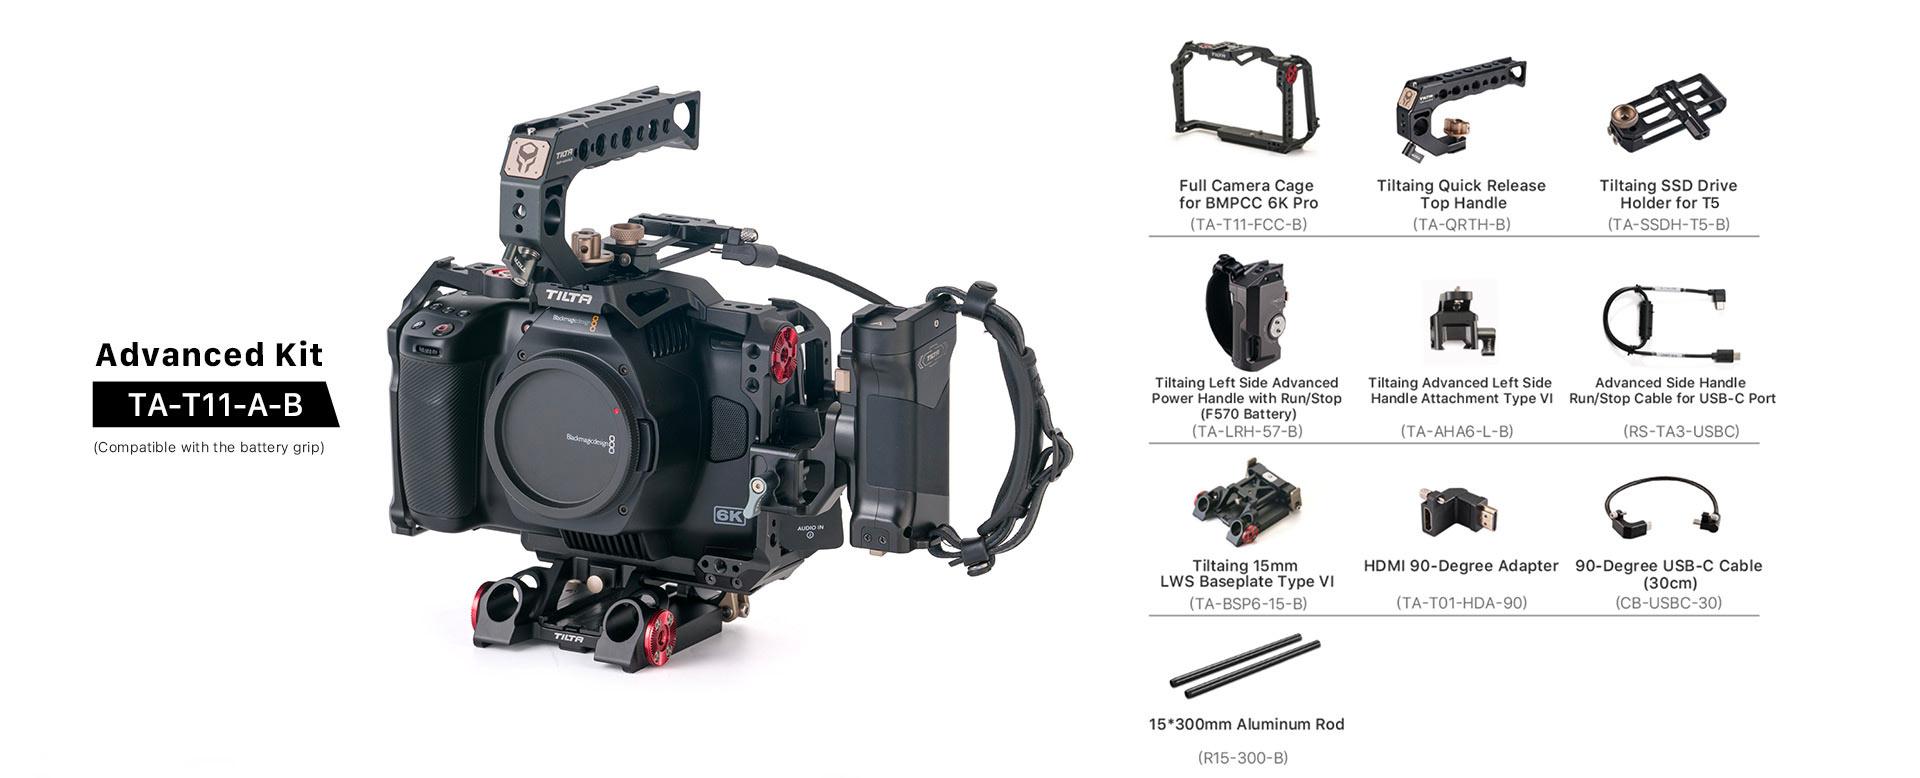 bmpcc 6k pro advanced kit